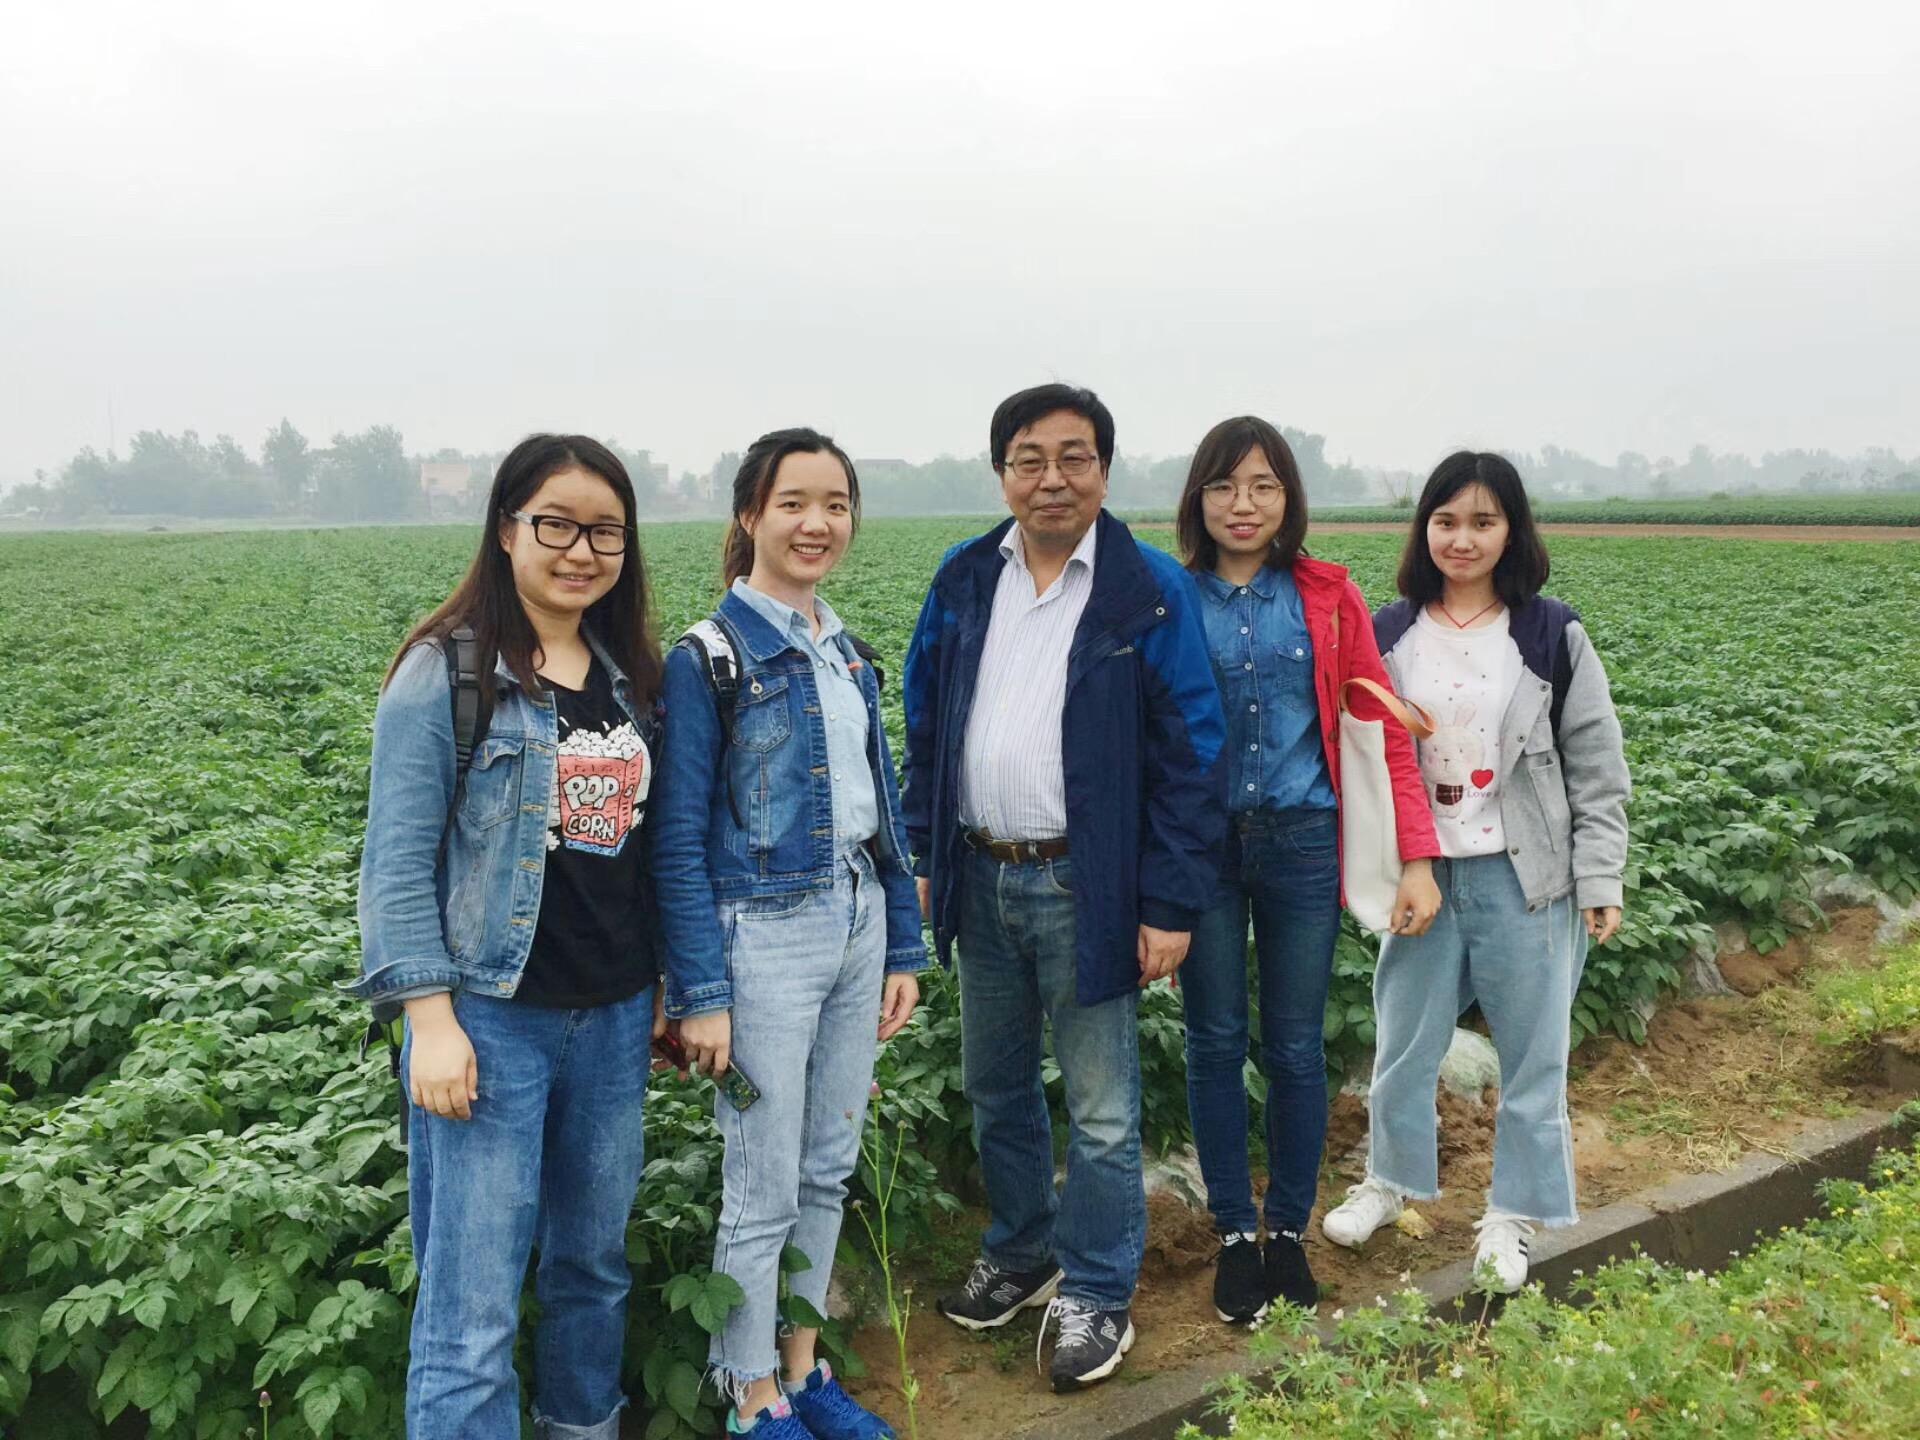 钟老师和学生们在田间调研时合影